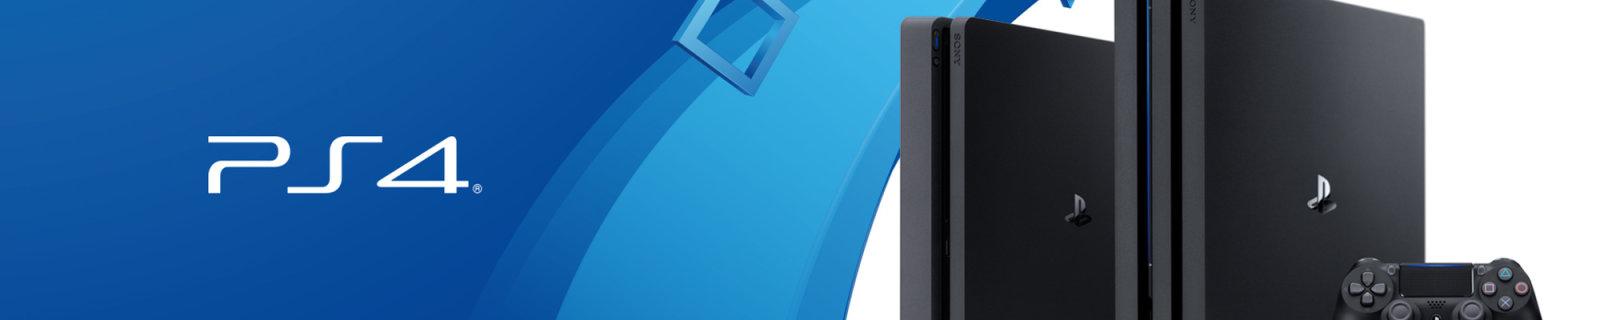 PS4新系统支持外接硬盘、PS4 Pro硬加速